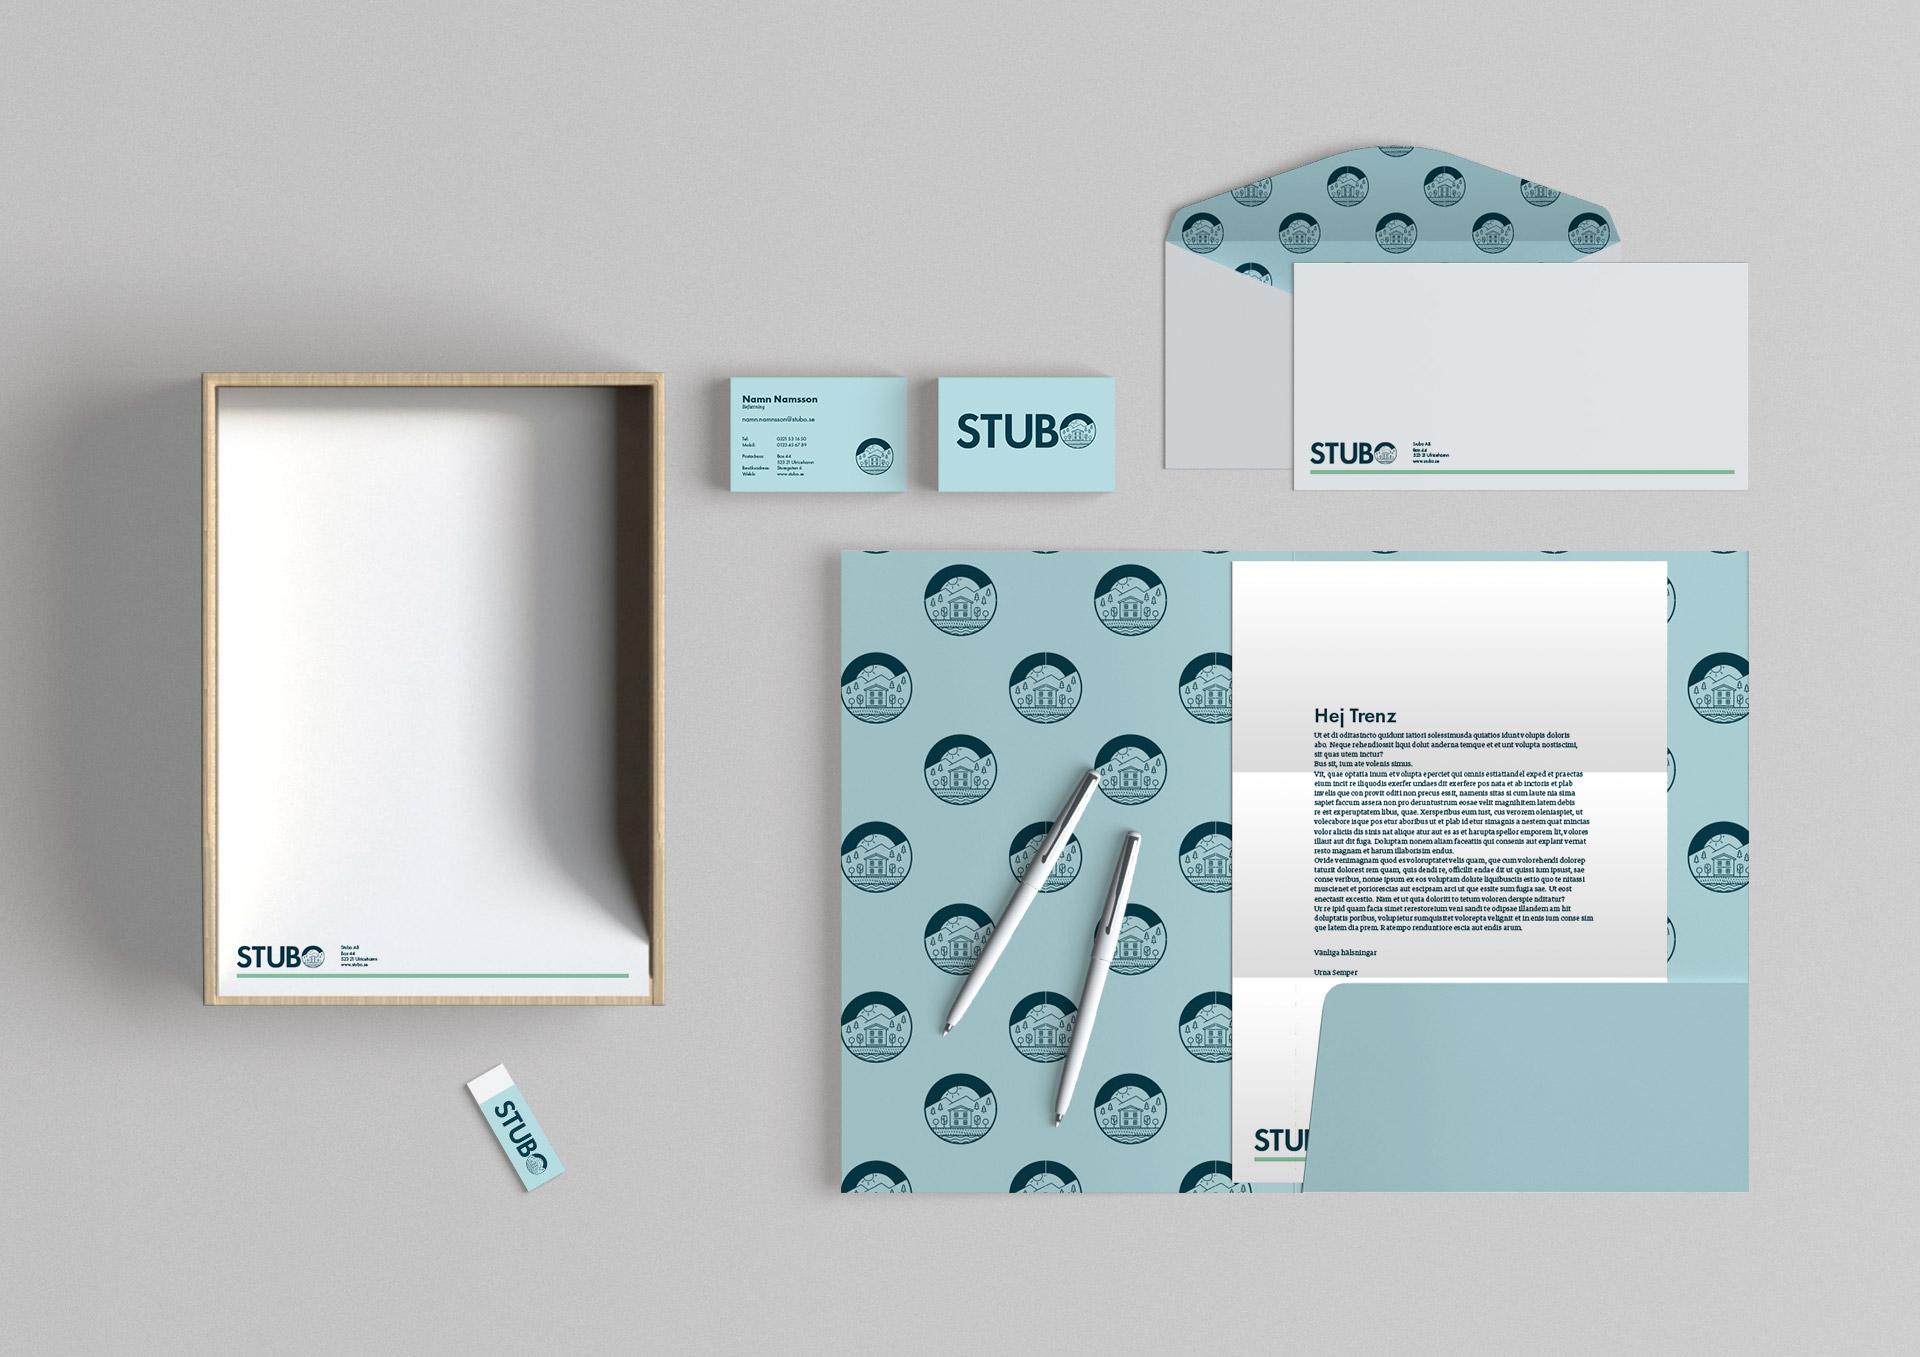 Stubo_8_Case_Image_1920x1357